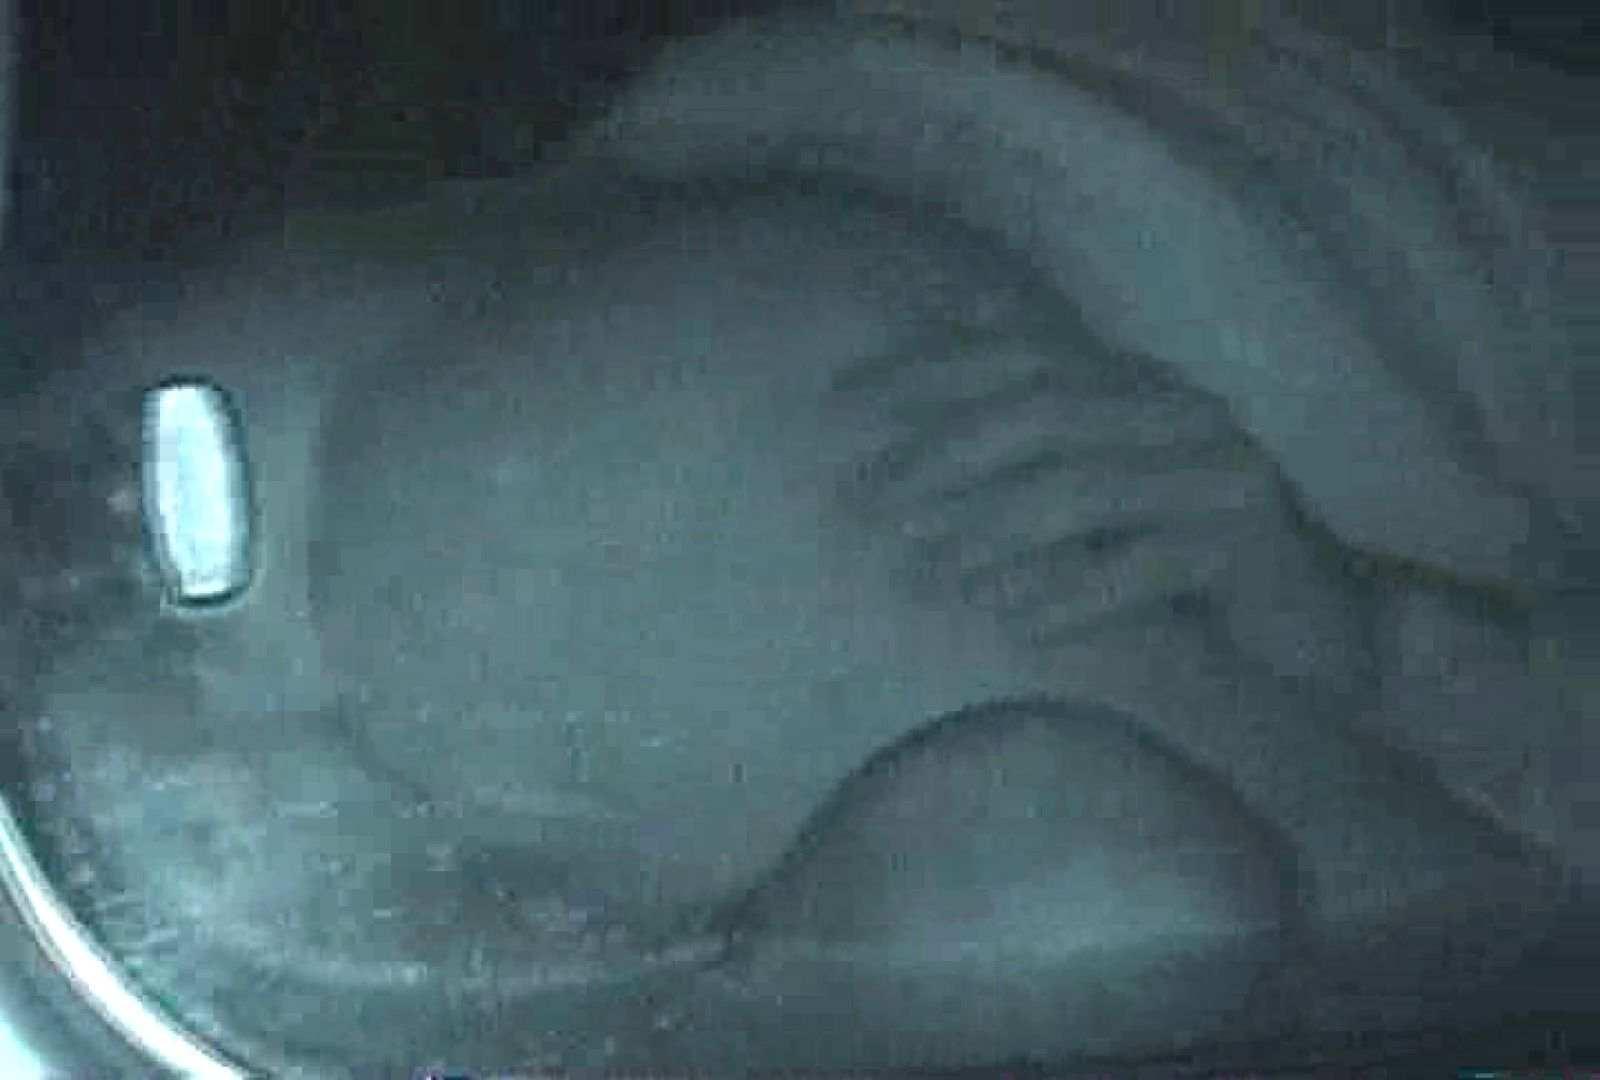 充血監督の深夜の運動会Vol.48 現役ギャル のぞき動画画像 95pic 44